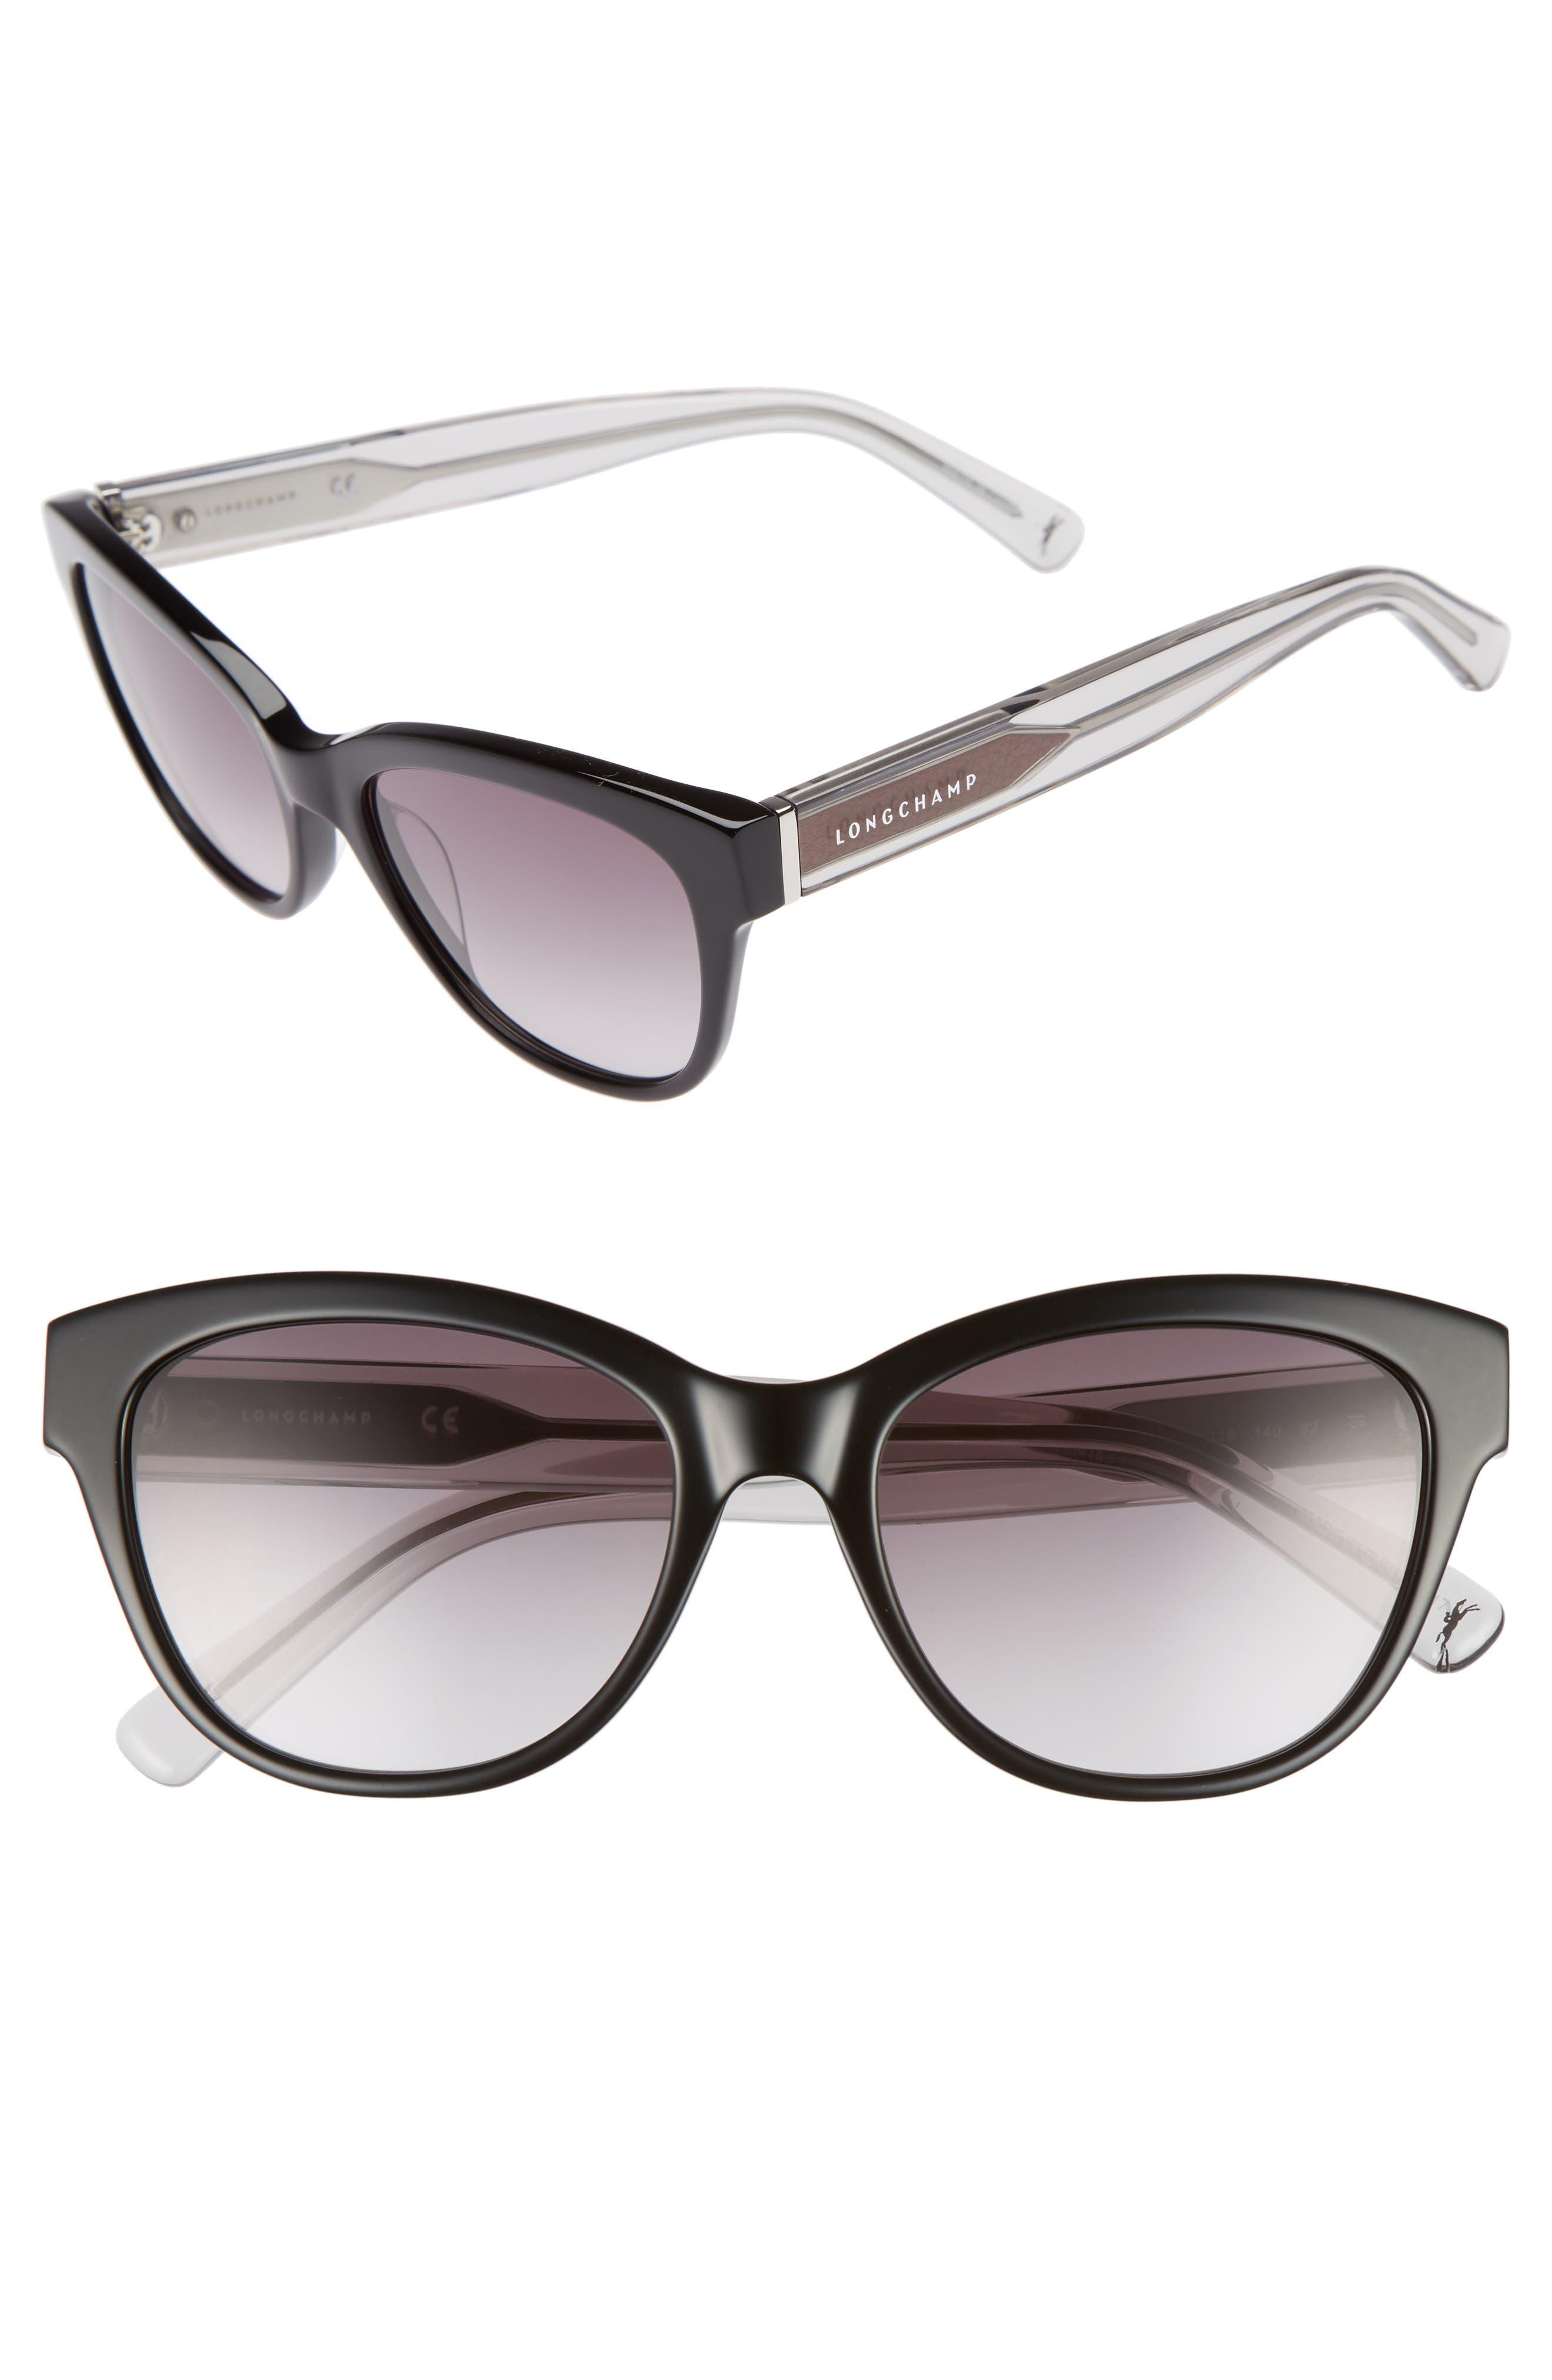 54mm Gradient Lens Sunglasses,                         Main,                         color, 001